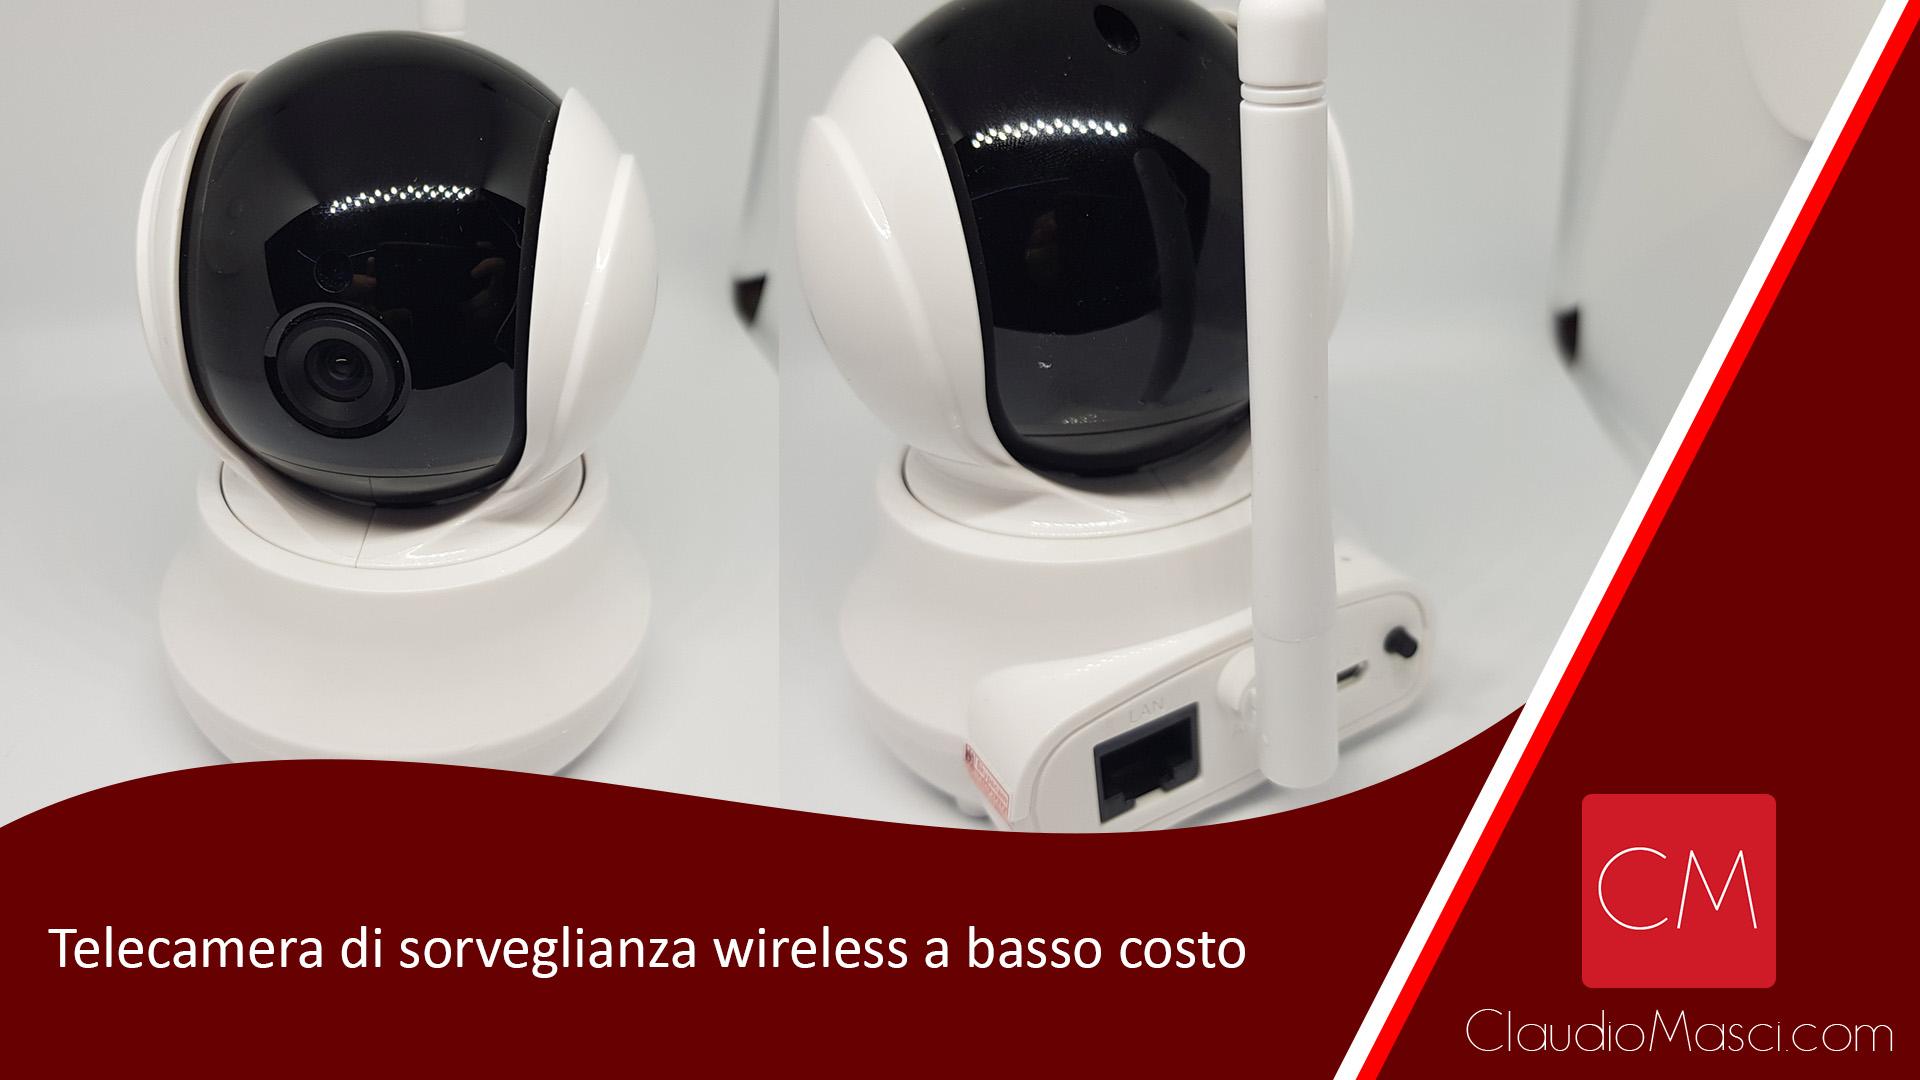 Telecamera di sorveglianza wireless a basso costo